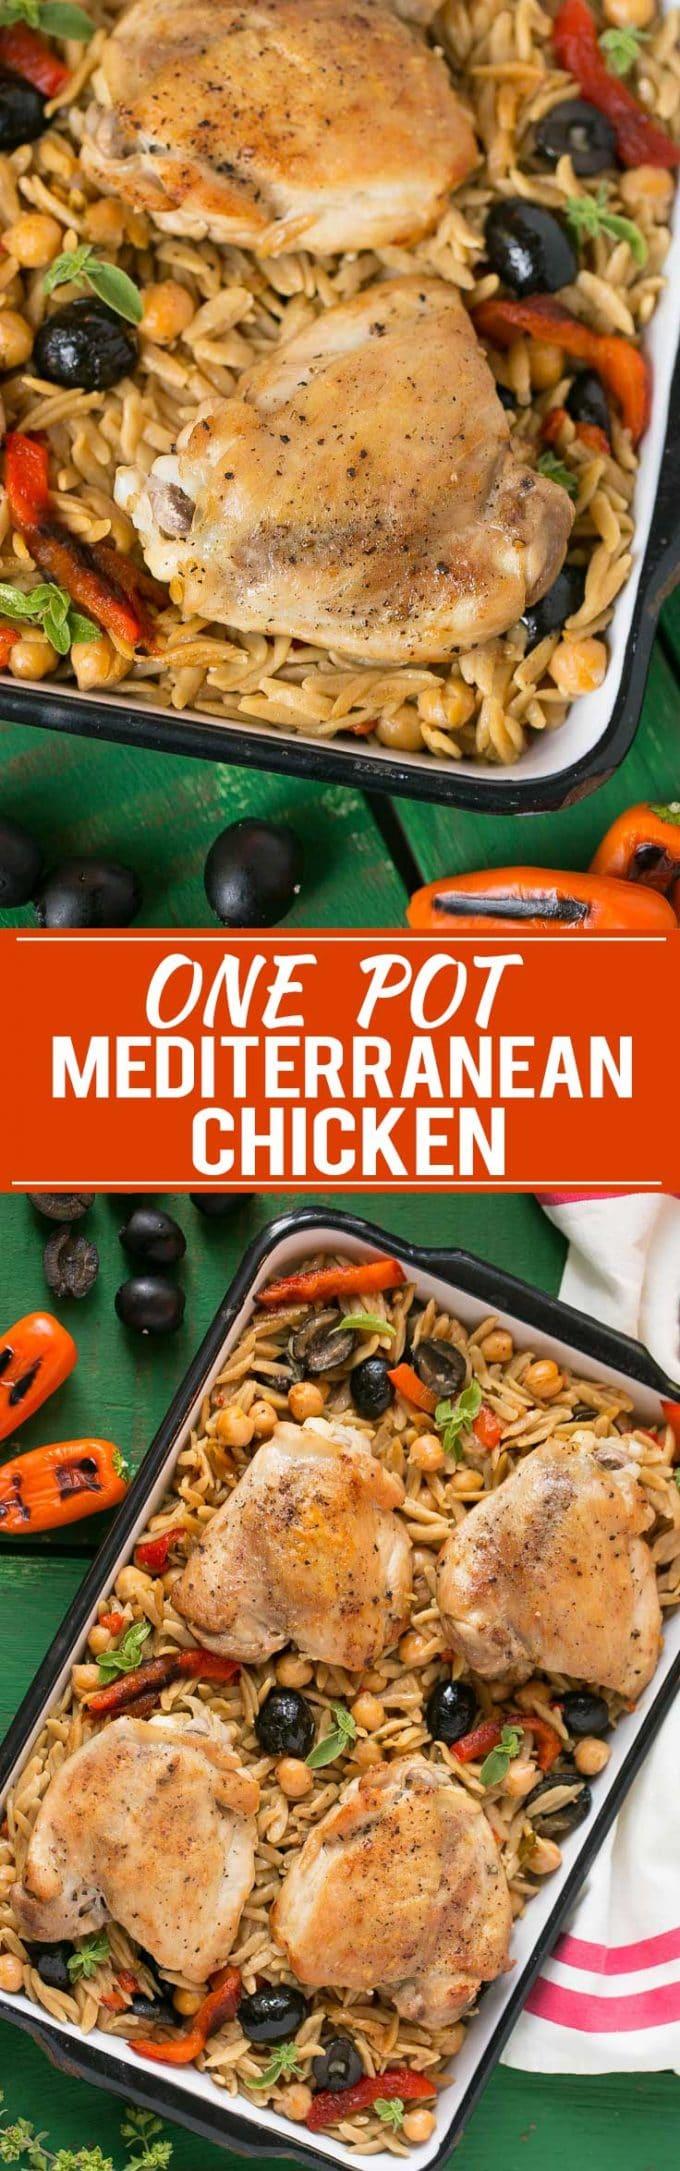 One Pot Mediterranean Chicken Recipe | Olive Mediterranean Chicken | Greek Olive Chicken | Easy Mediterranean Chicken